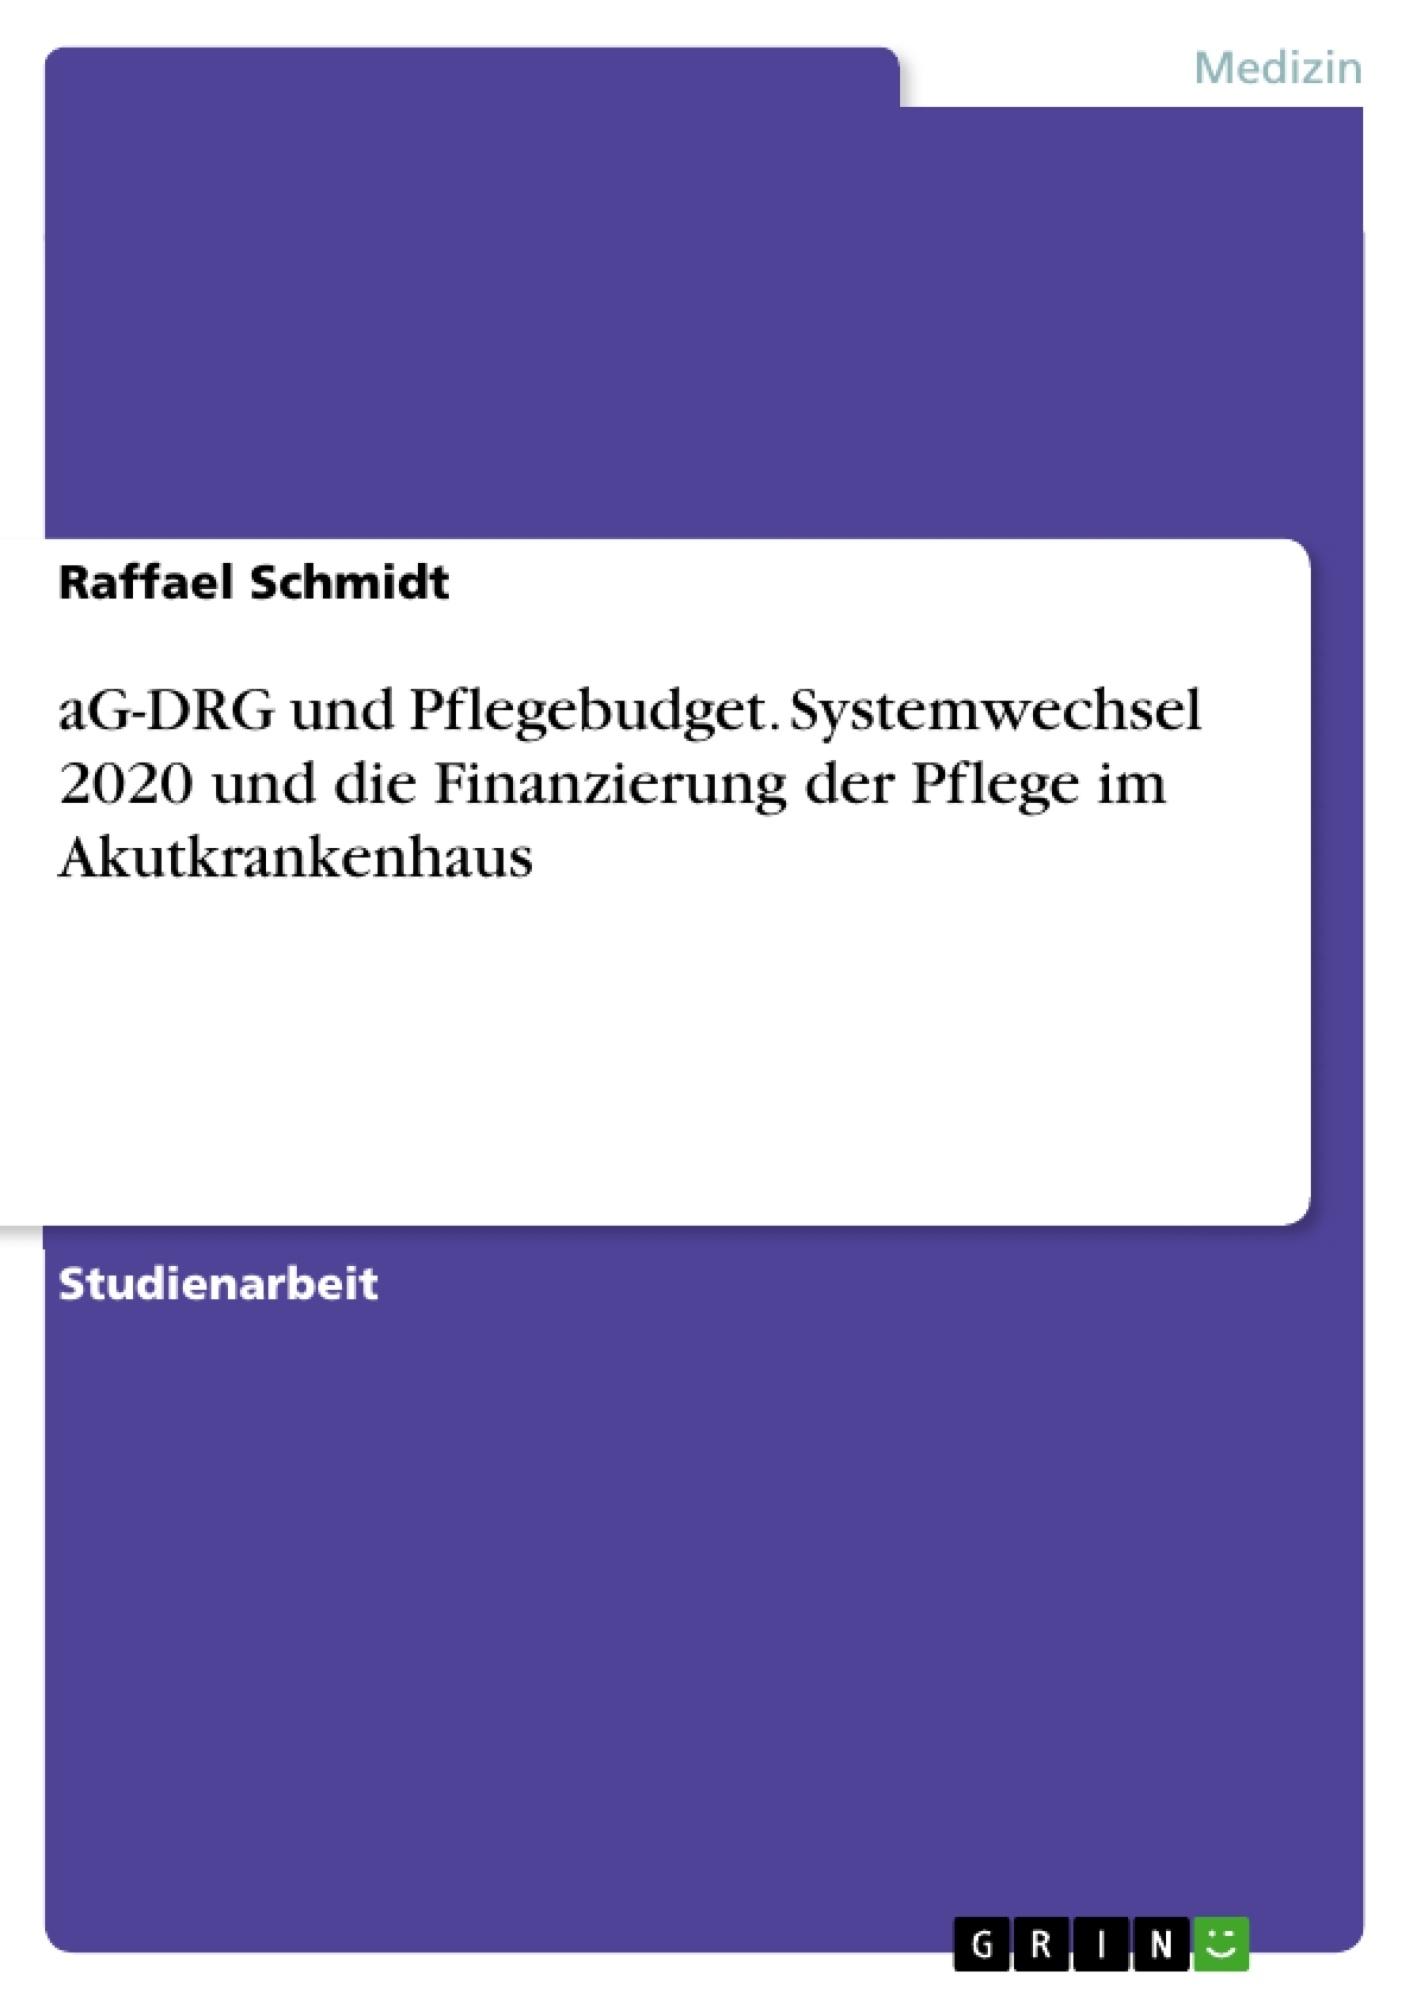 Titel: aG-DRG und Pflegebudget. Systemwechsel 2020 und die Finanzierung der Pflege im Akutkrankenhaus